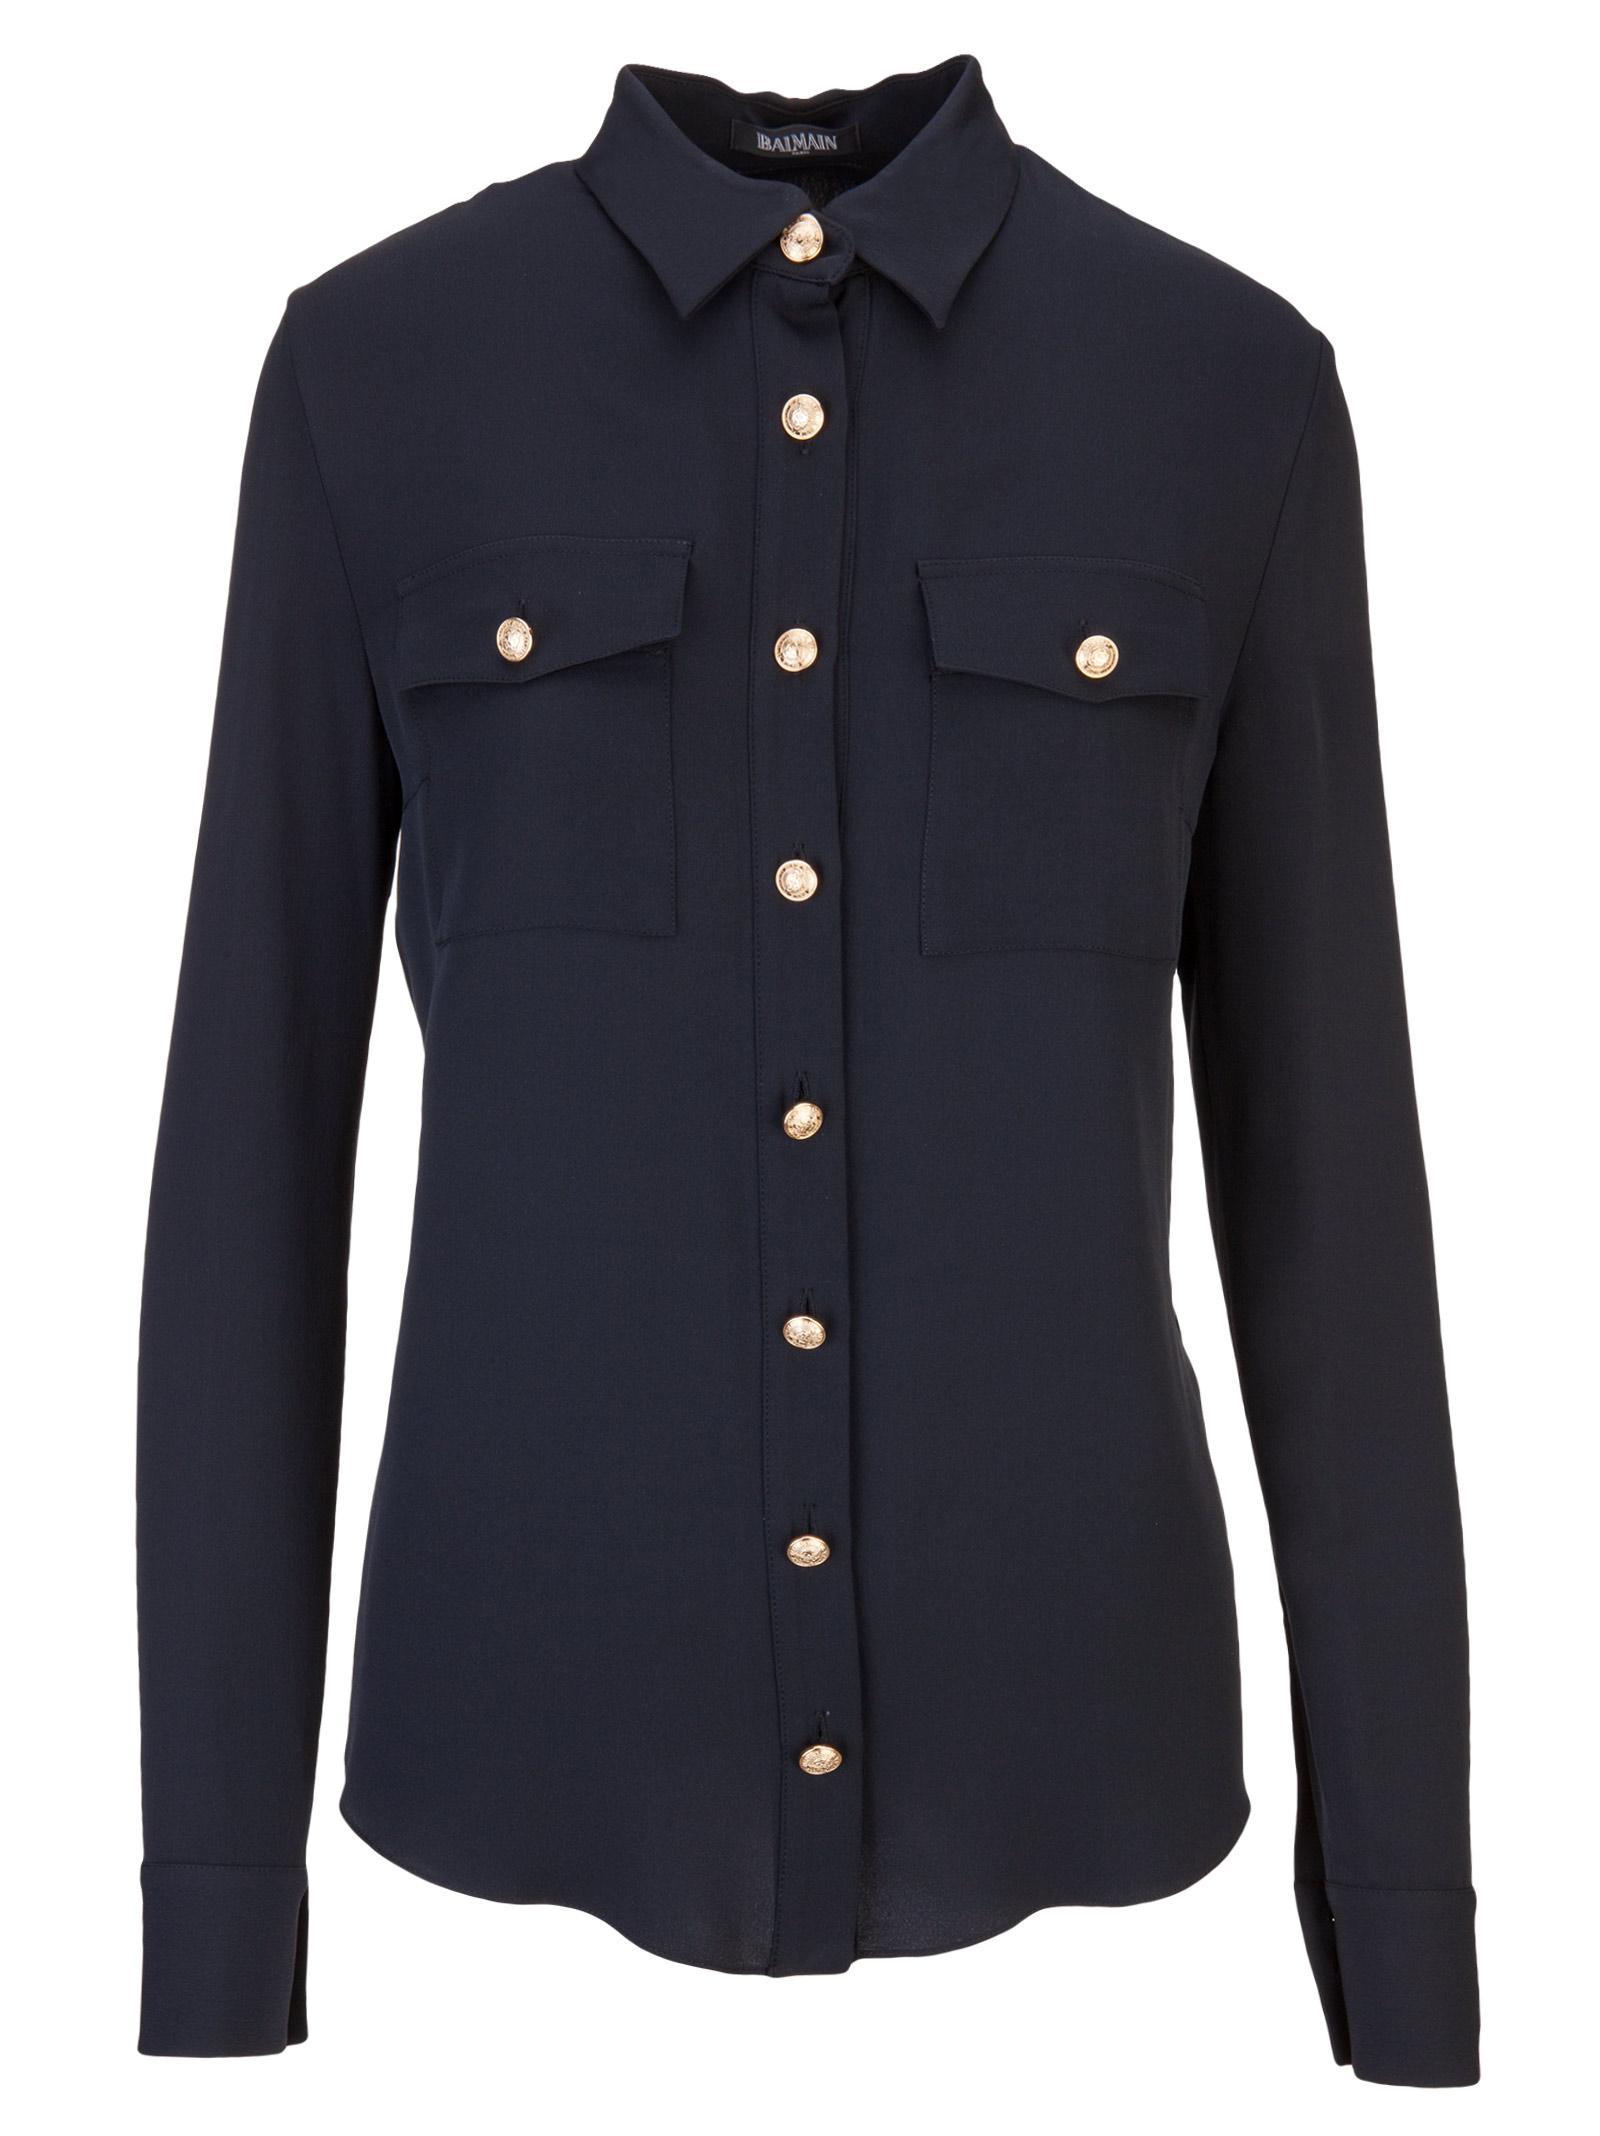 Balmain Paris shirt